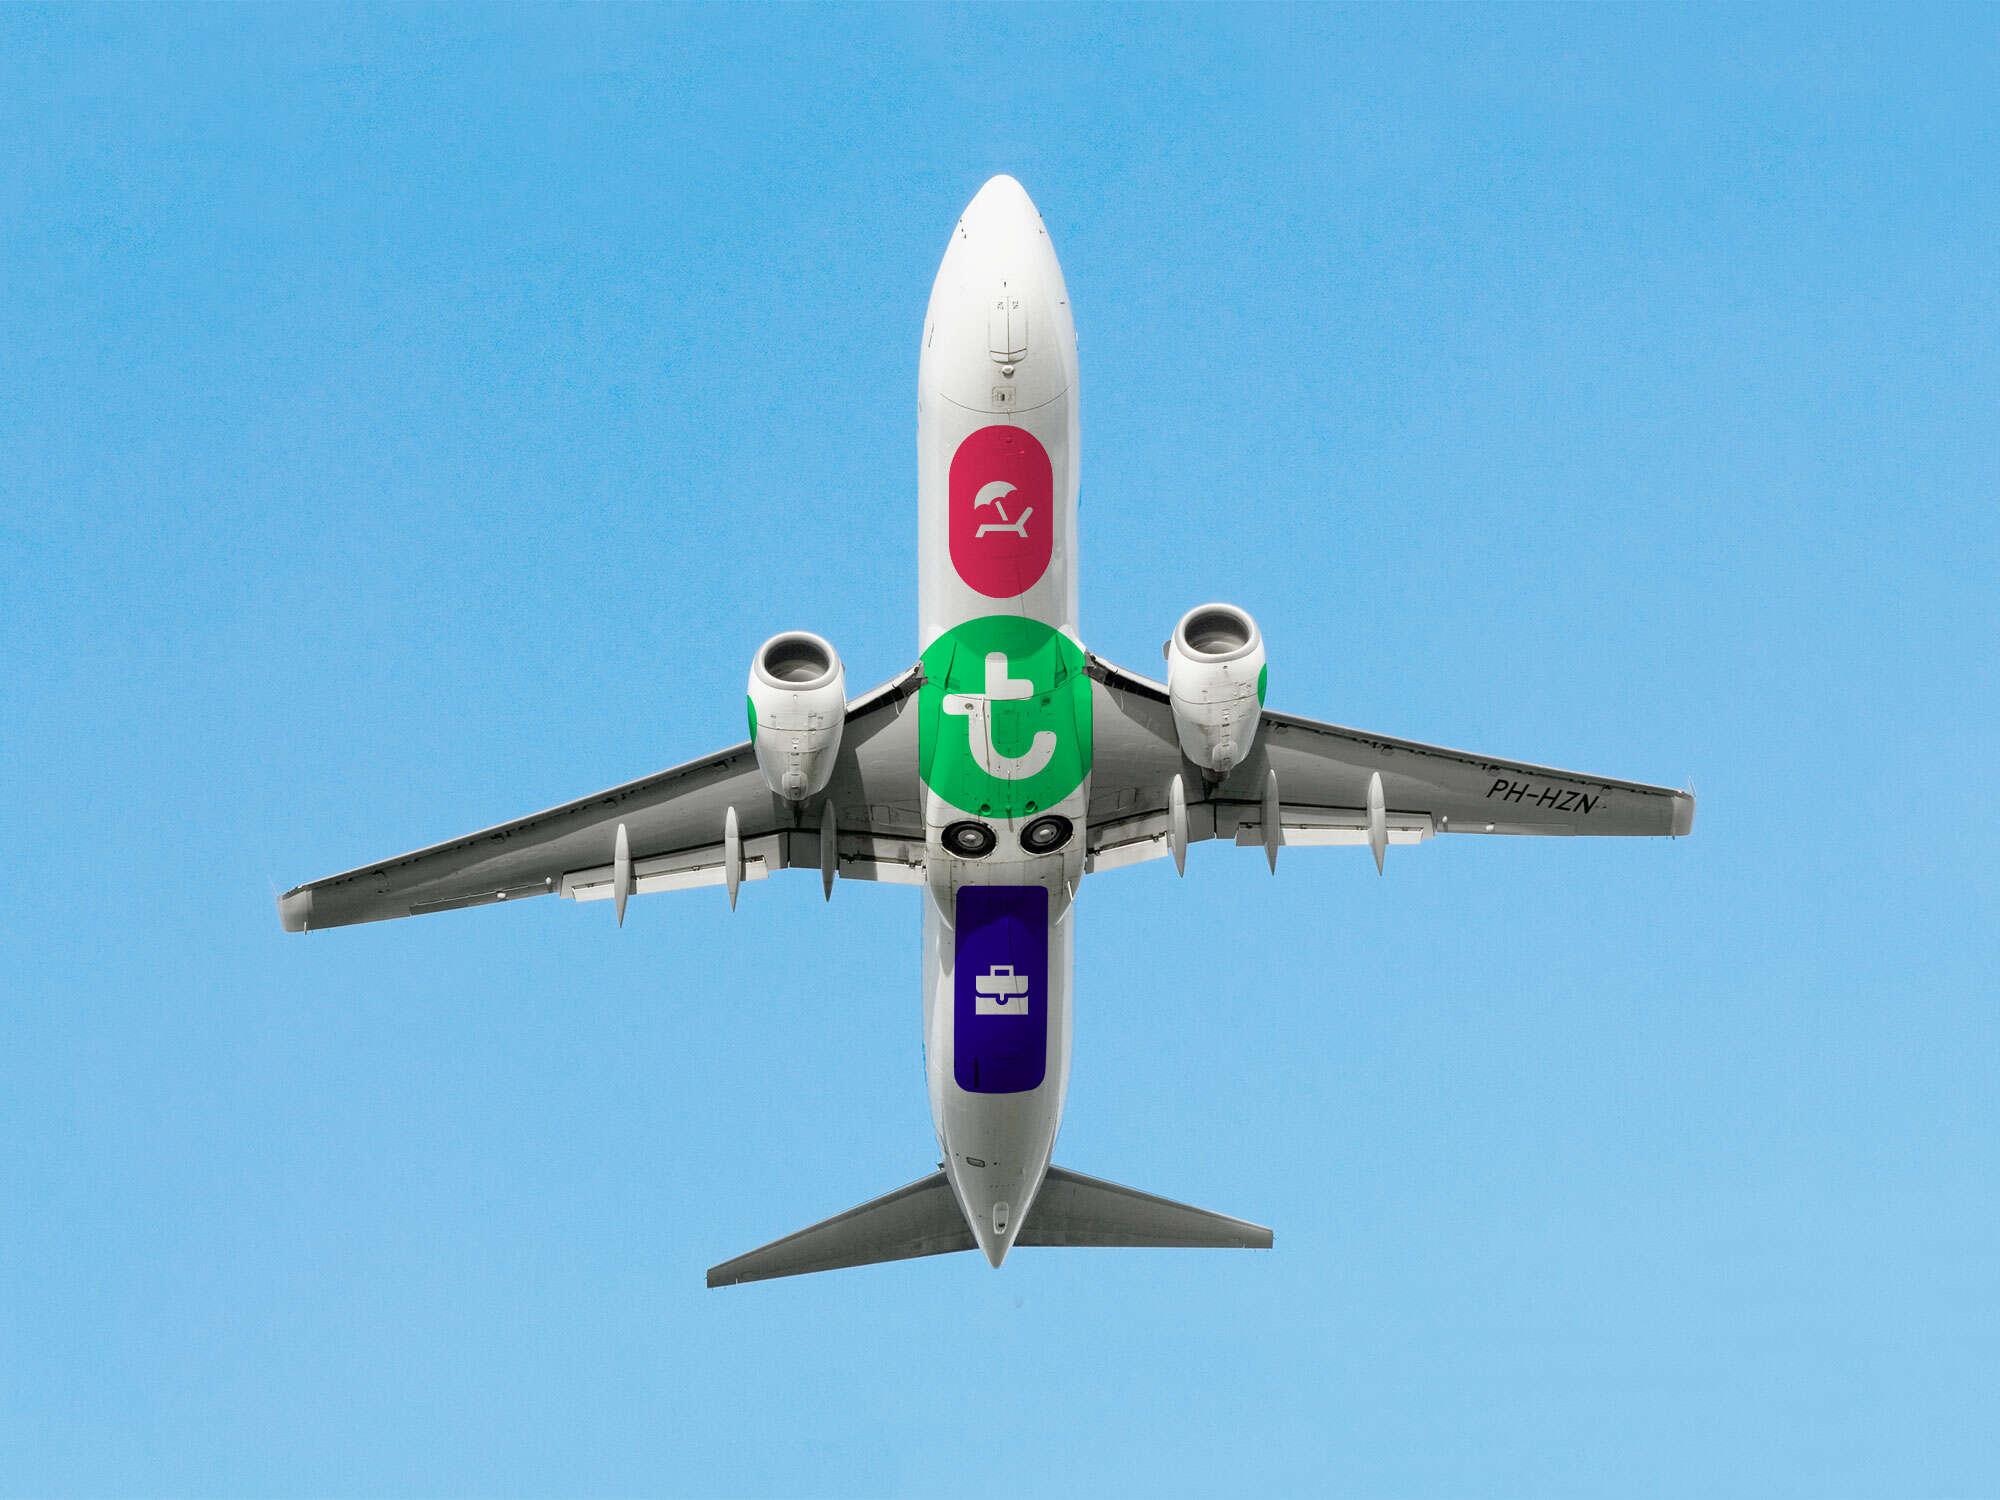 Transavia, der hører under Air France KLM, har flyselskaber i såvel Frankrig som Holland – nu har Transavia France netop åbnet sæsonrute mellem Nantes og Københavns Lufthavn. Pressefoto.